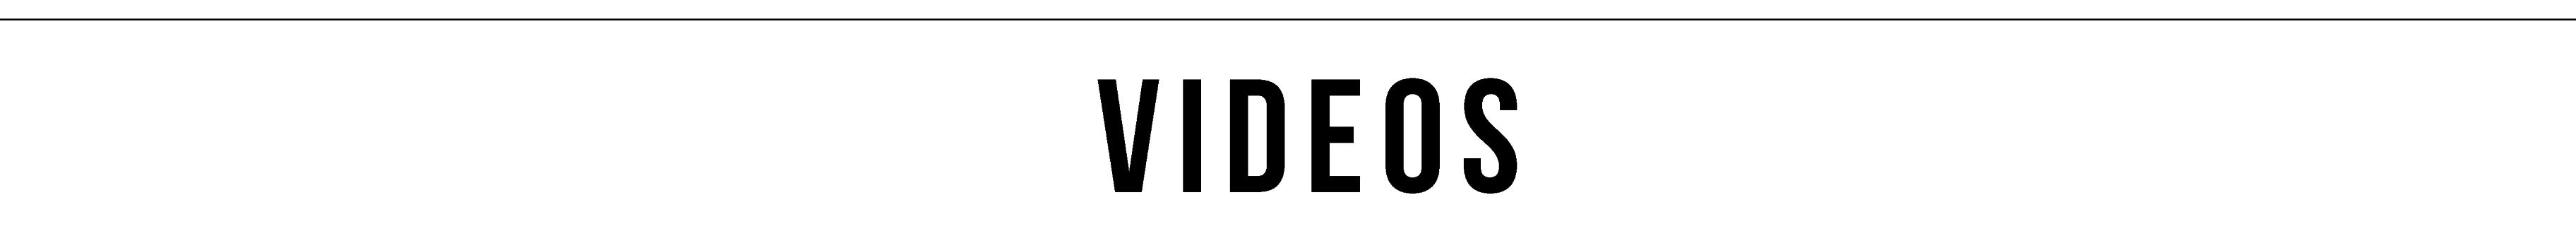 videos_tab